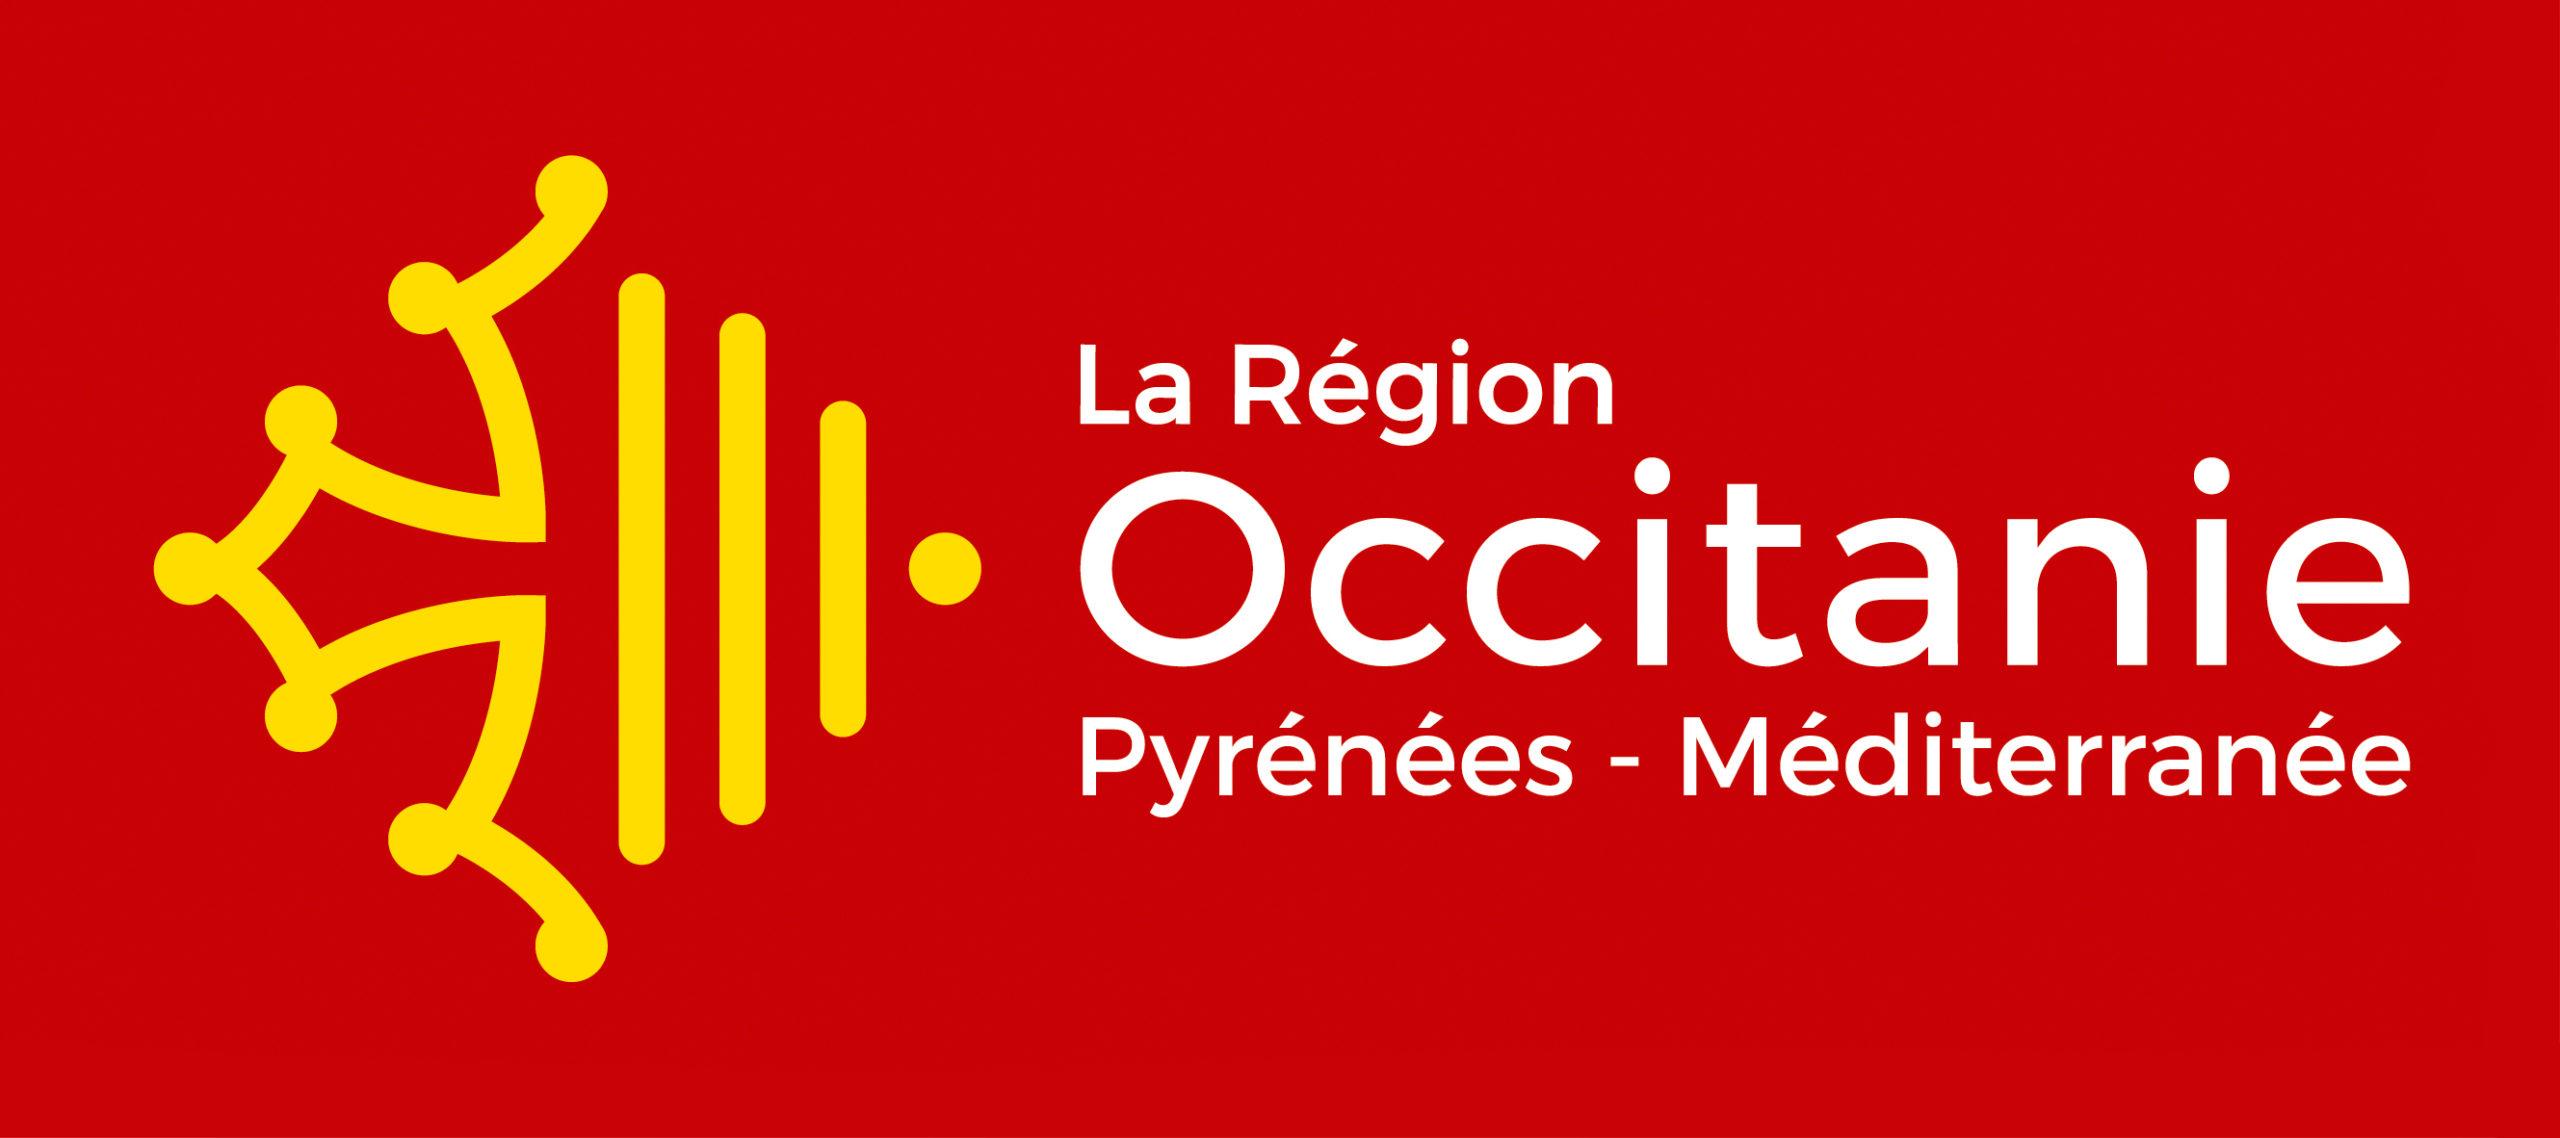 OC-1702-instit-logo rectangle-quadri-255x100